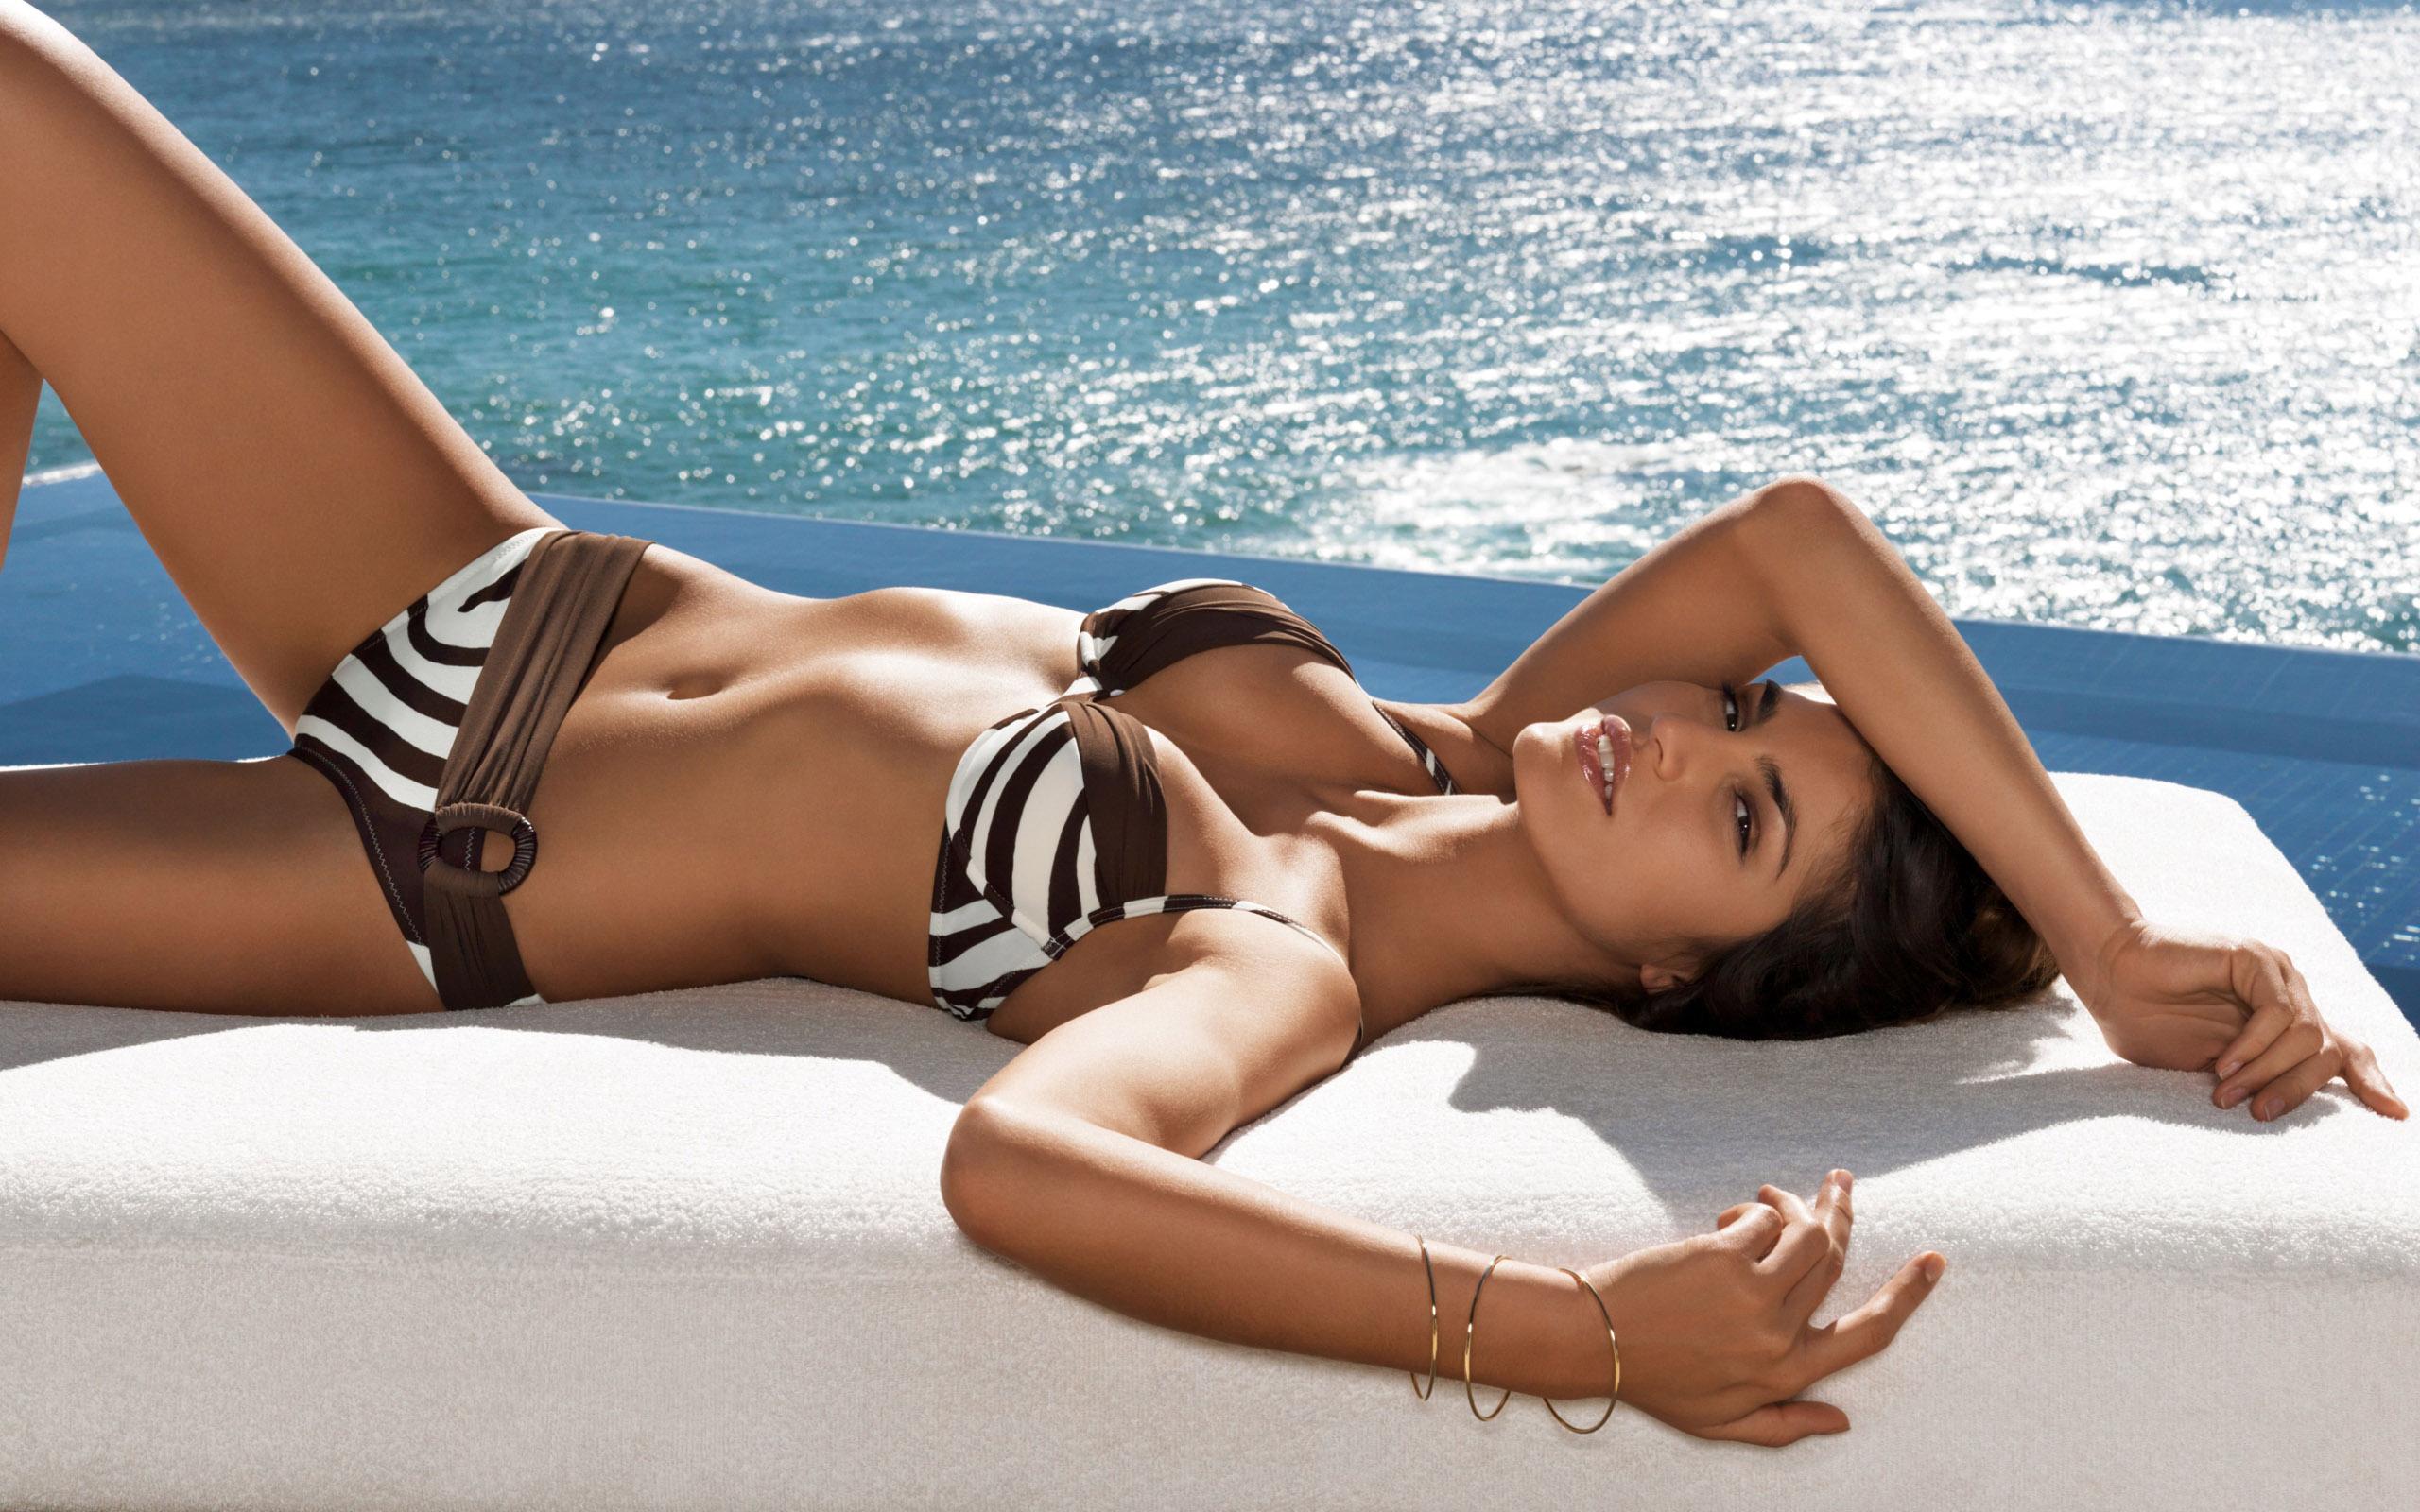 Кастинг девушек без купальников - Красивые фото моделей.